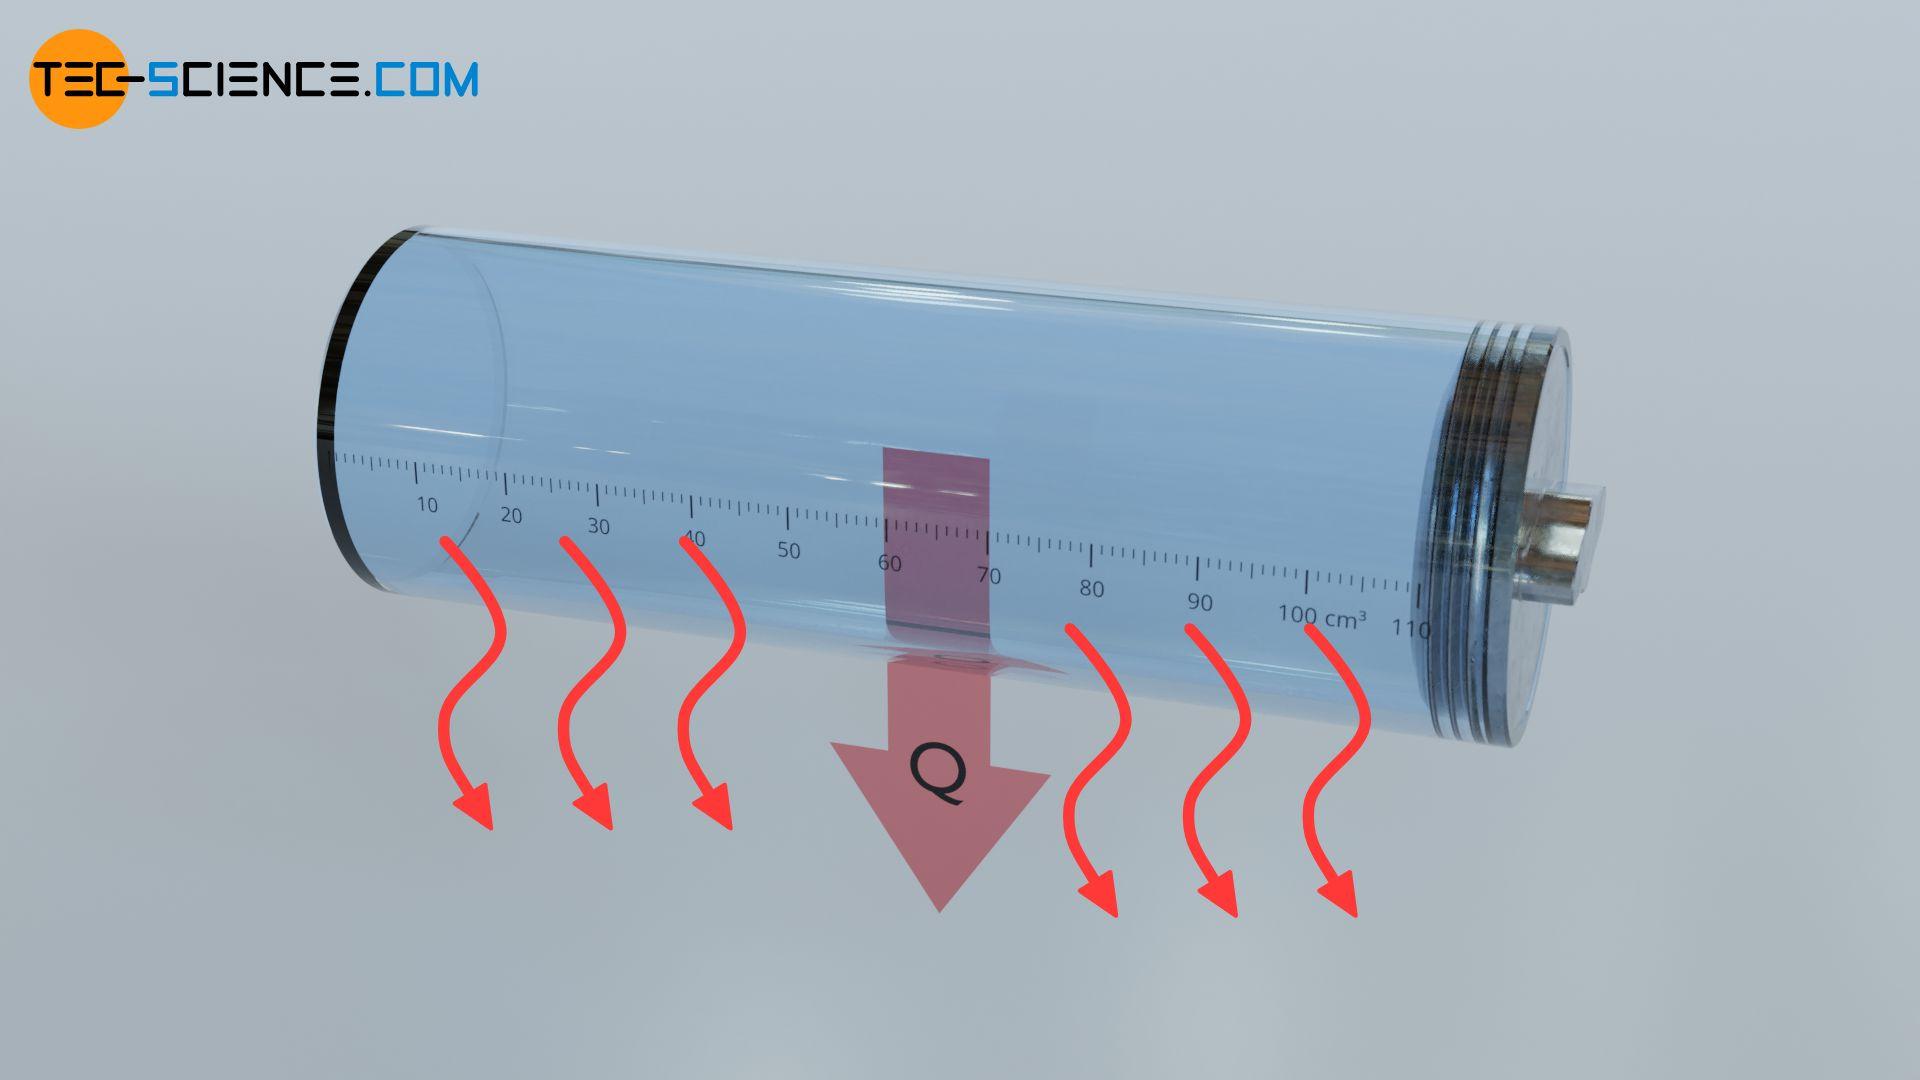 Übertragung von Wärme vom Gas auf die Umgebung